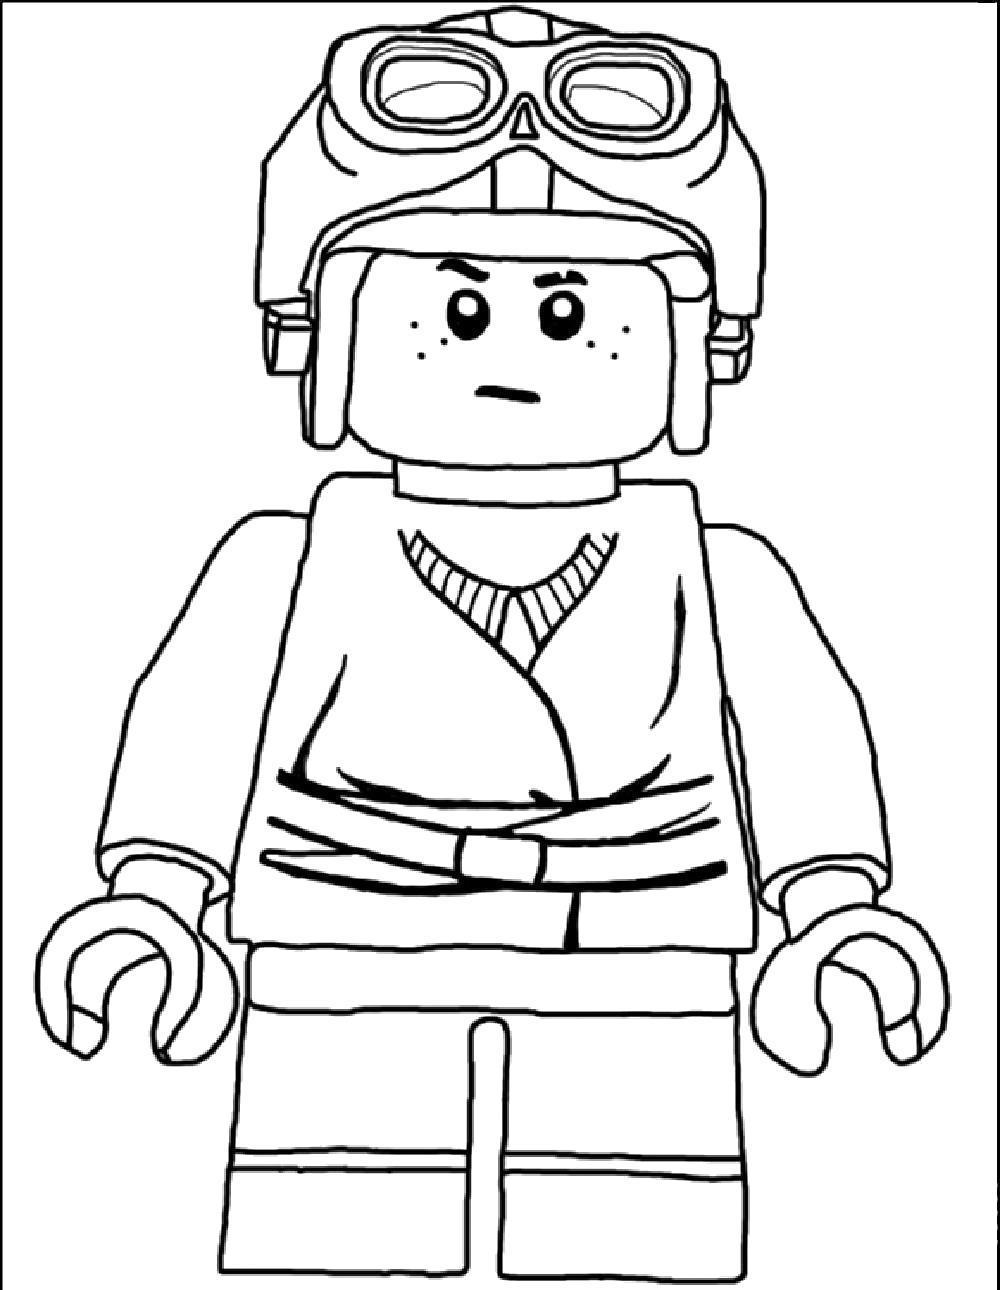 Раскраска Лего человечек. Скачать .  Распечатать